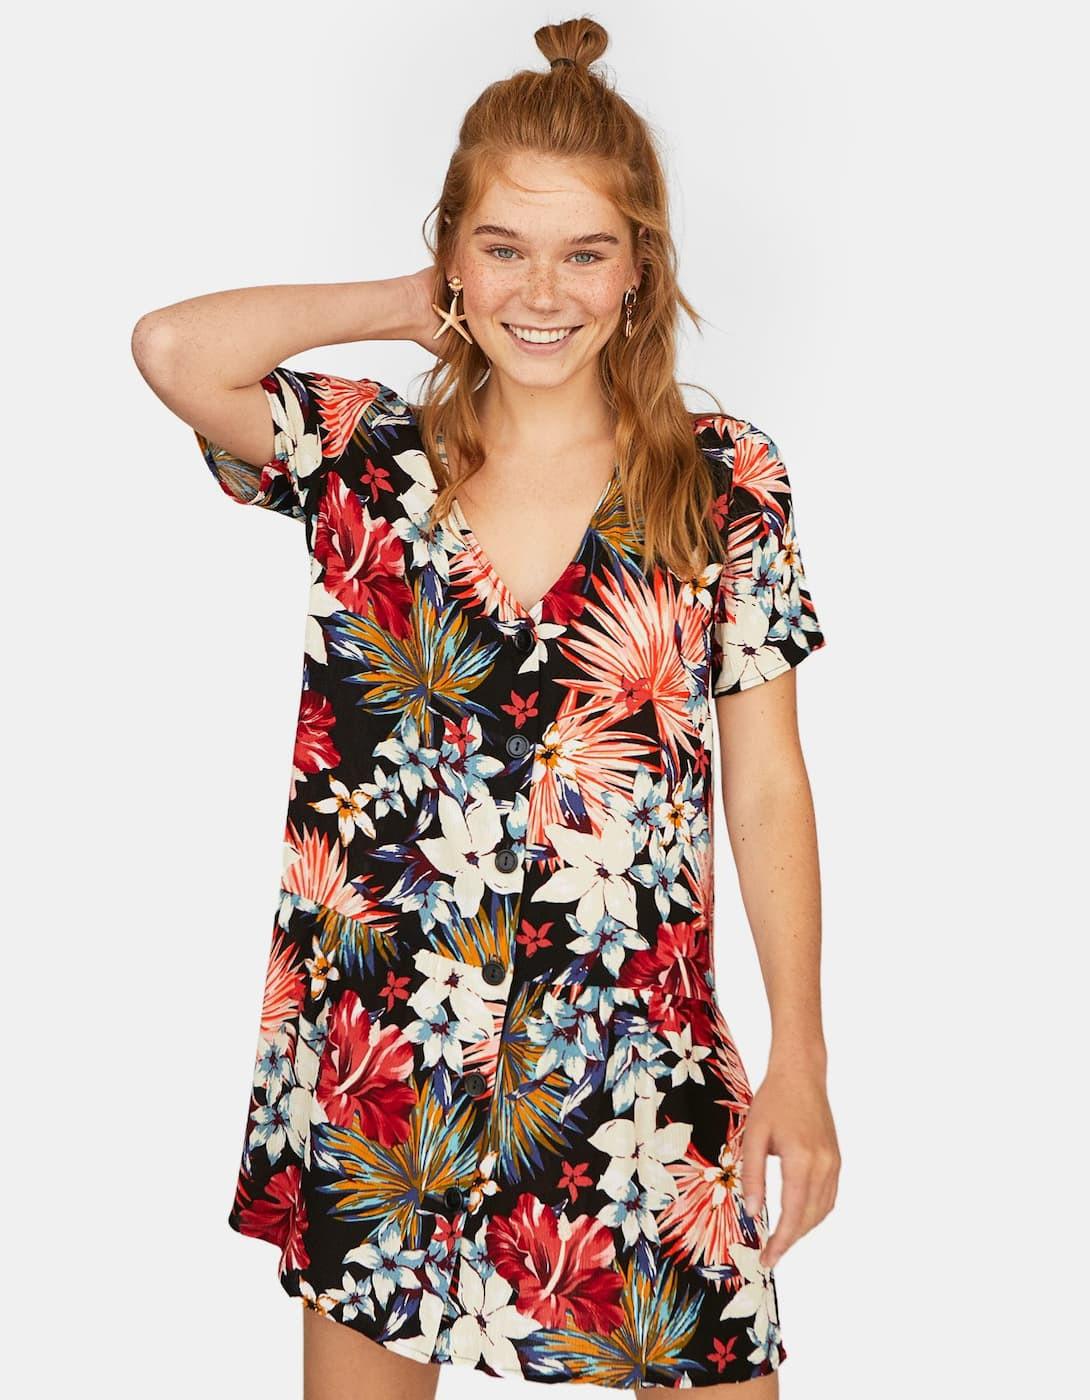 Vestido de crepe com estampado tropical, 12, 99 euros (antes 19,99 euros).jpg